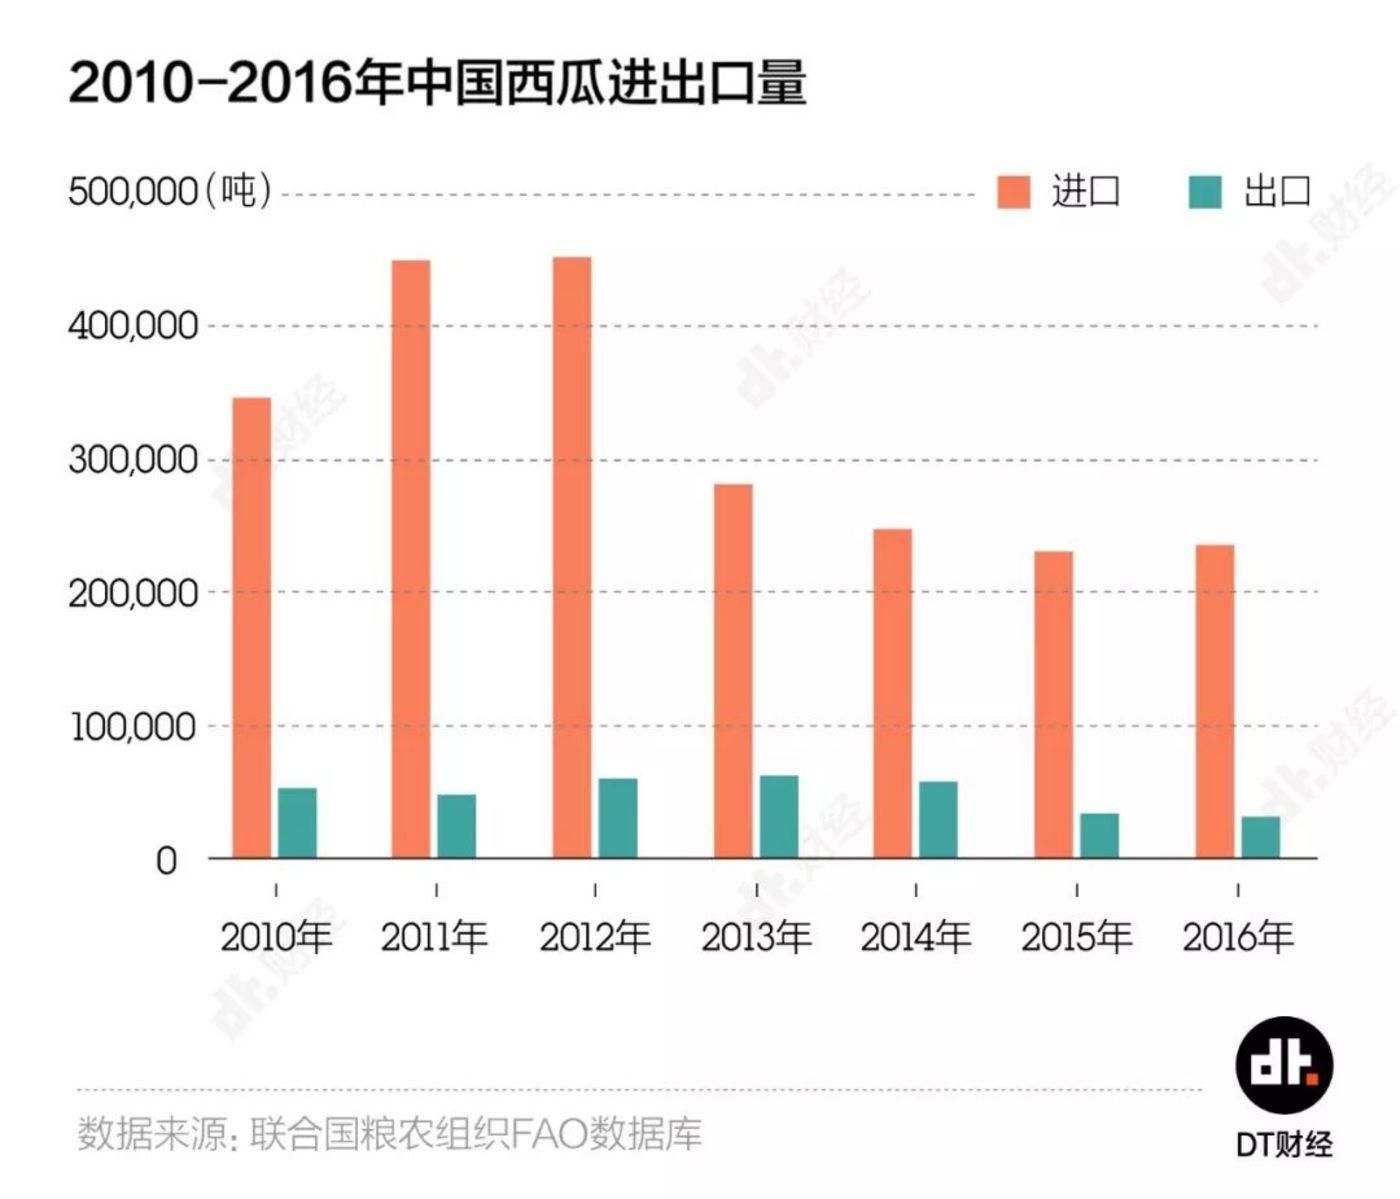 单单中国本国产的巨量西瓜,竟然还不能完全满足本地市场。